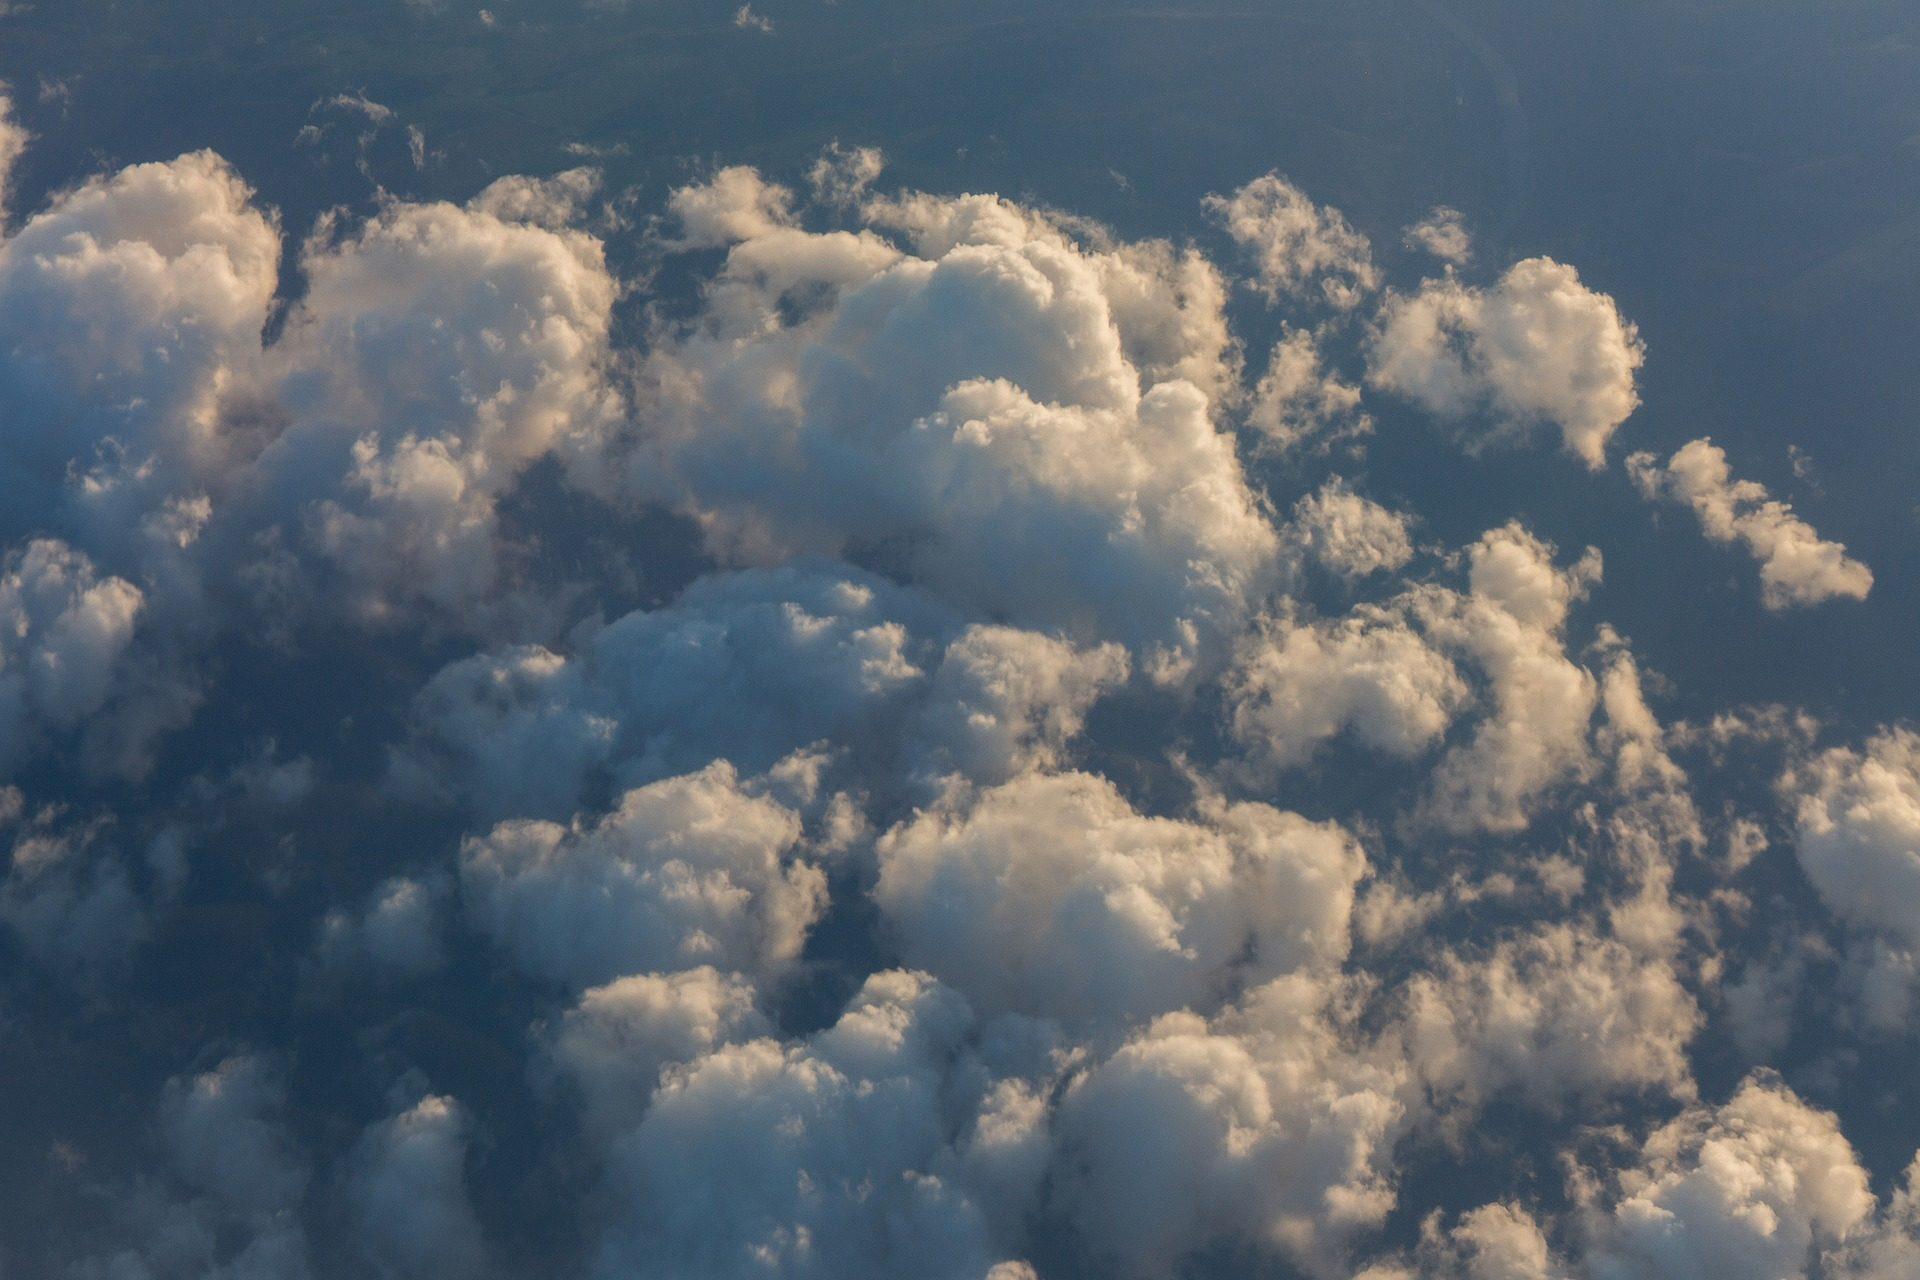 σύννεφα, Προβολή, αέρα, cúmulos, Cirrus, Σωρειτομελανίες, Ουρανός - Wallpapers HD - Professor-falken.com